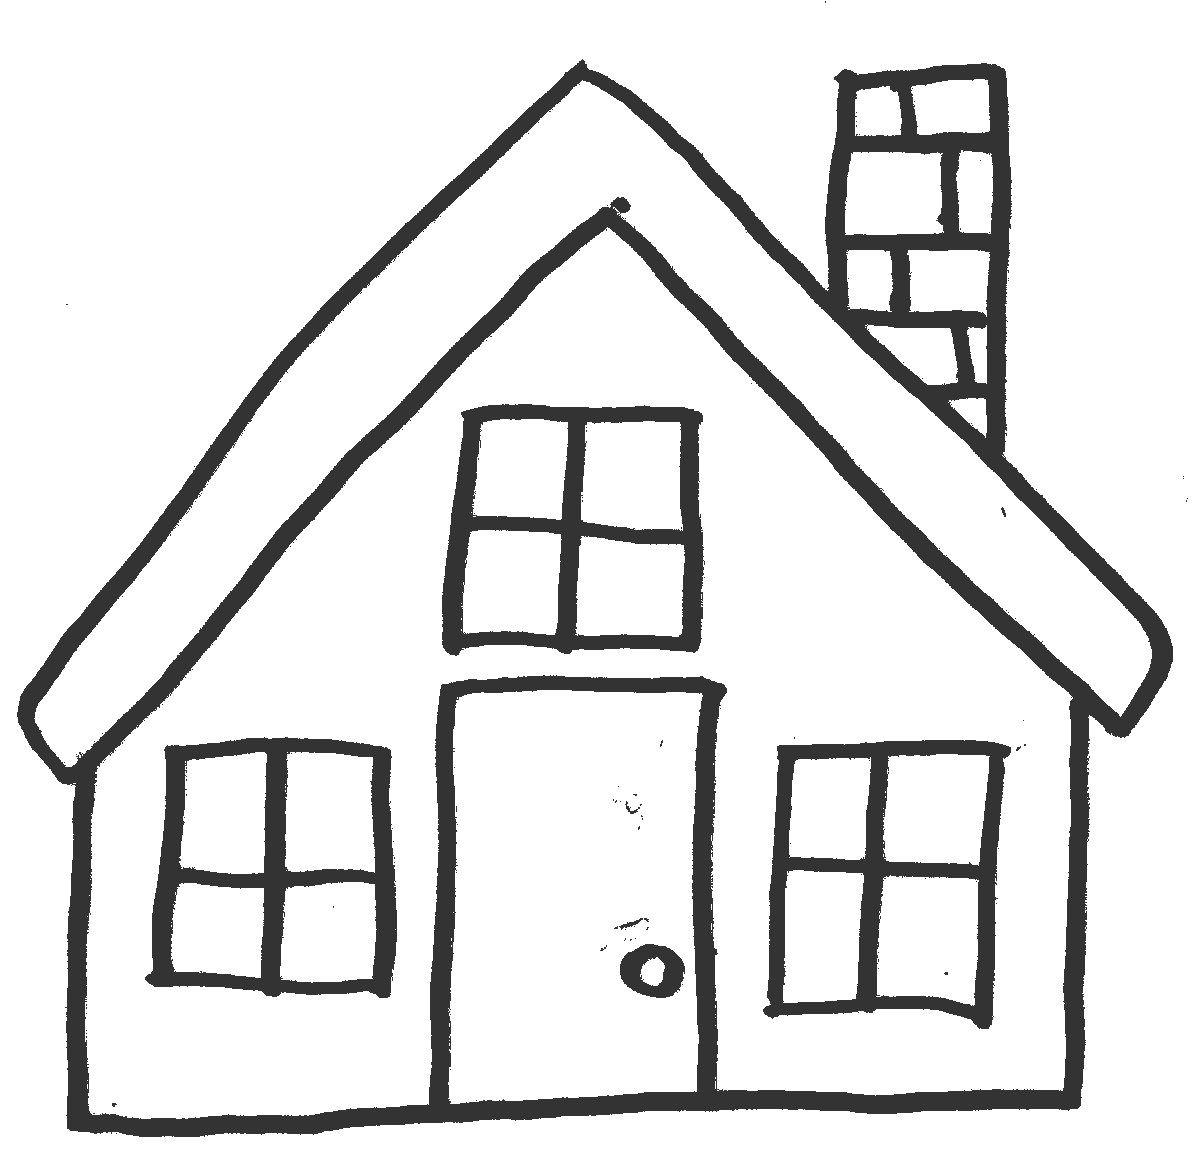 boucle d 39 or de byron barton les trois ours home themes. Black Bedroom Furniture Sets. Home Design Ideas